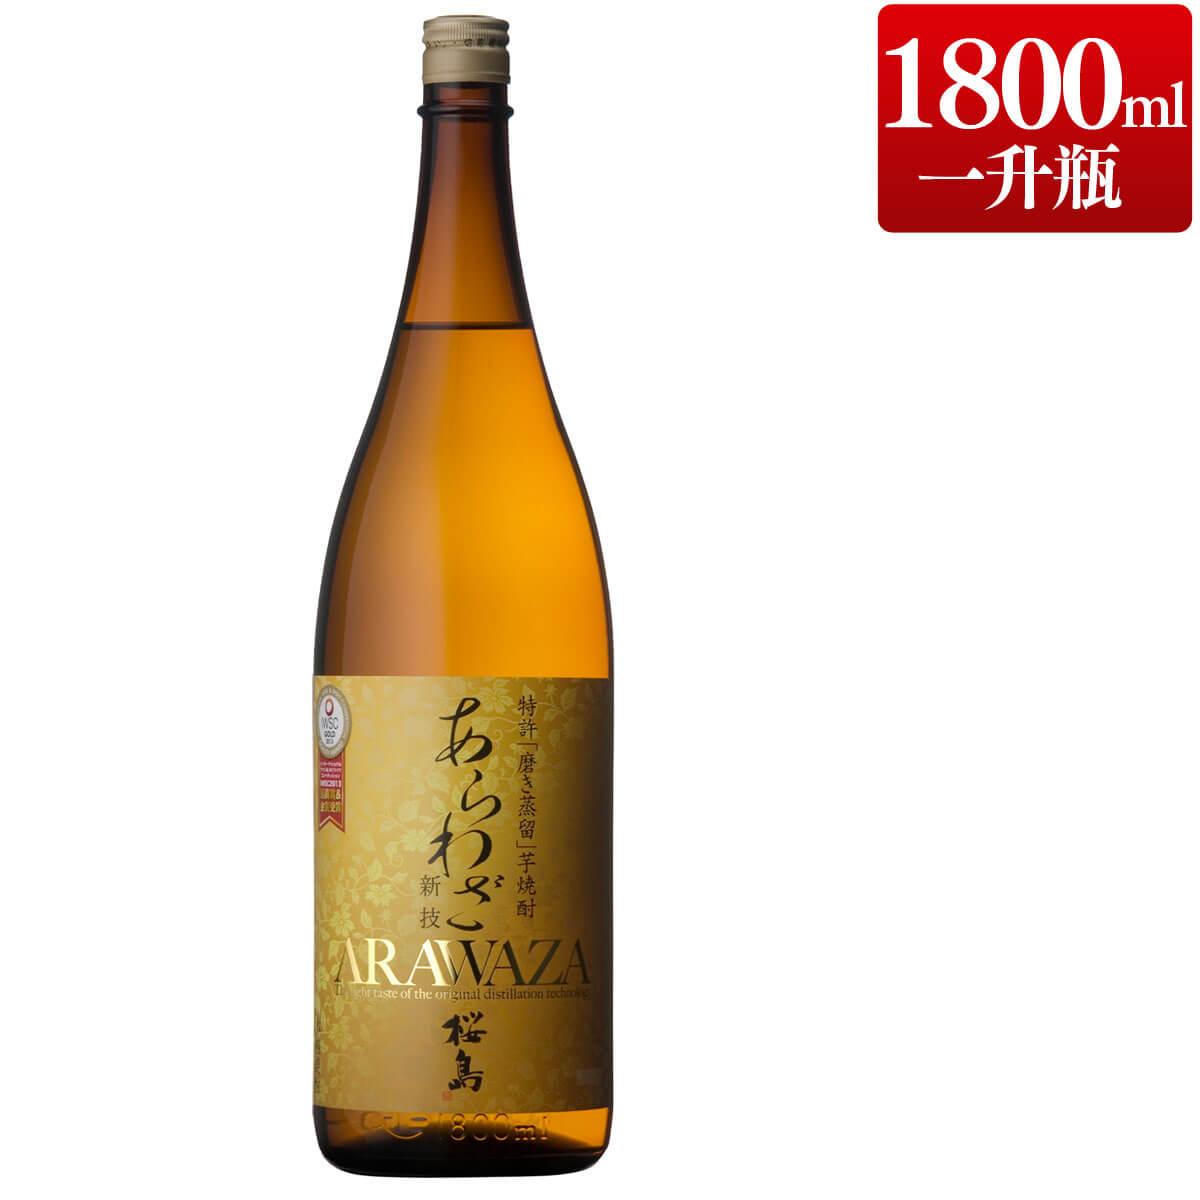 芋焼酎 あらわざ 桜島 25度 1800ml [IWSC 金賞 受賞 / 本坊酒造 / 芋焼酎 / 一升瓶 ]